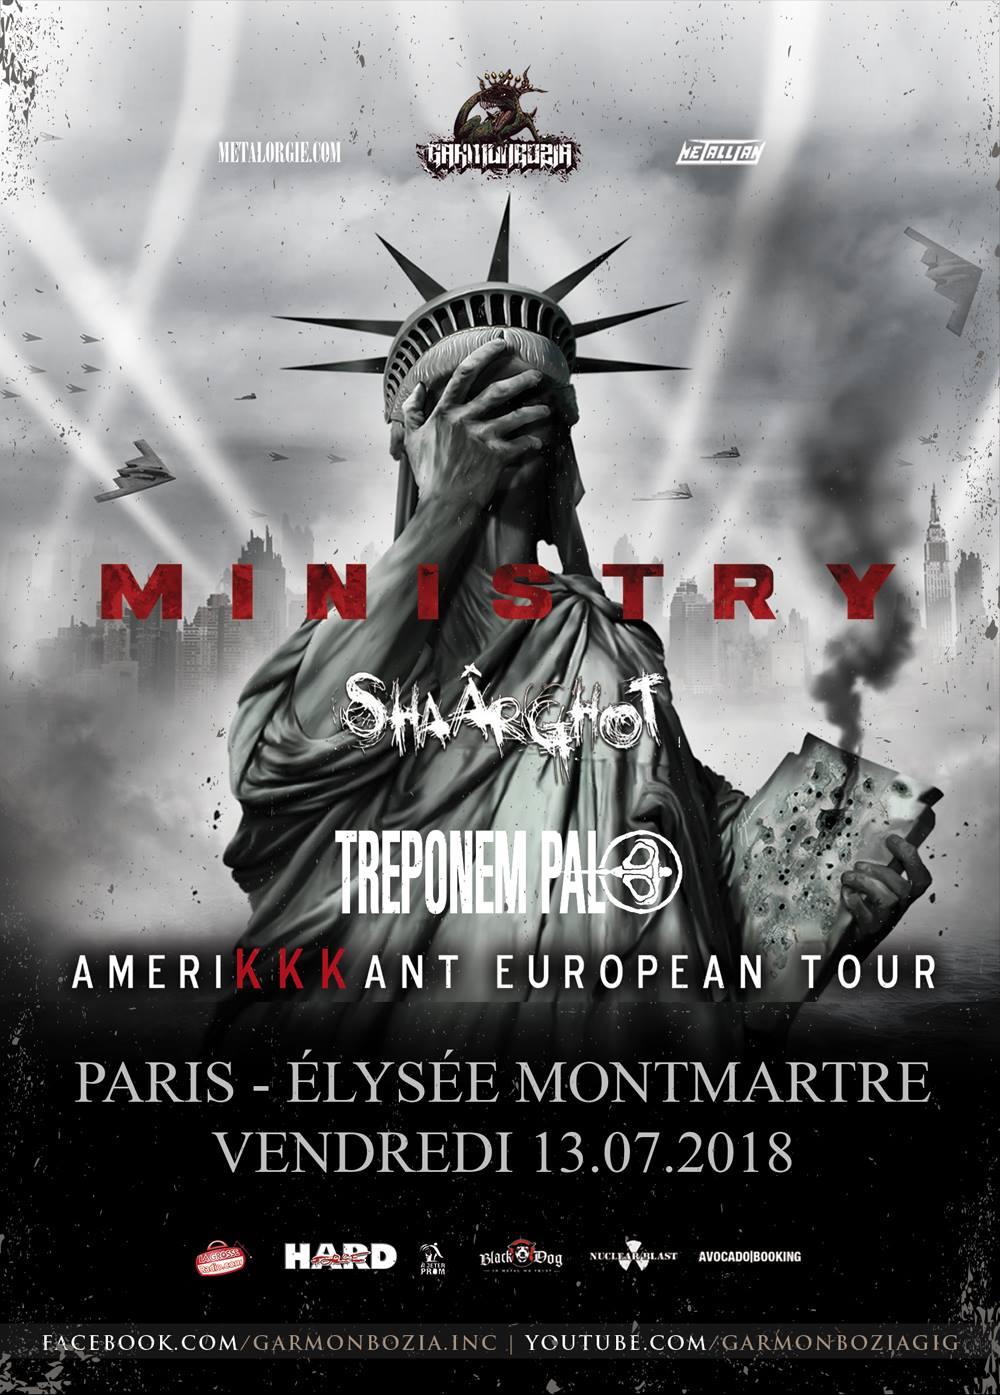 Ministry + Shaârghot + Treponem Pal @ Elysée Montmartre (Paris), le 13 Juillet 2018